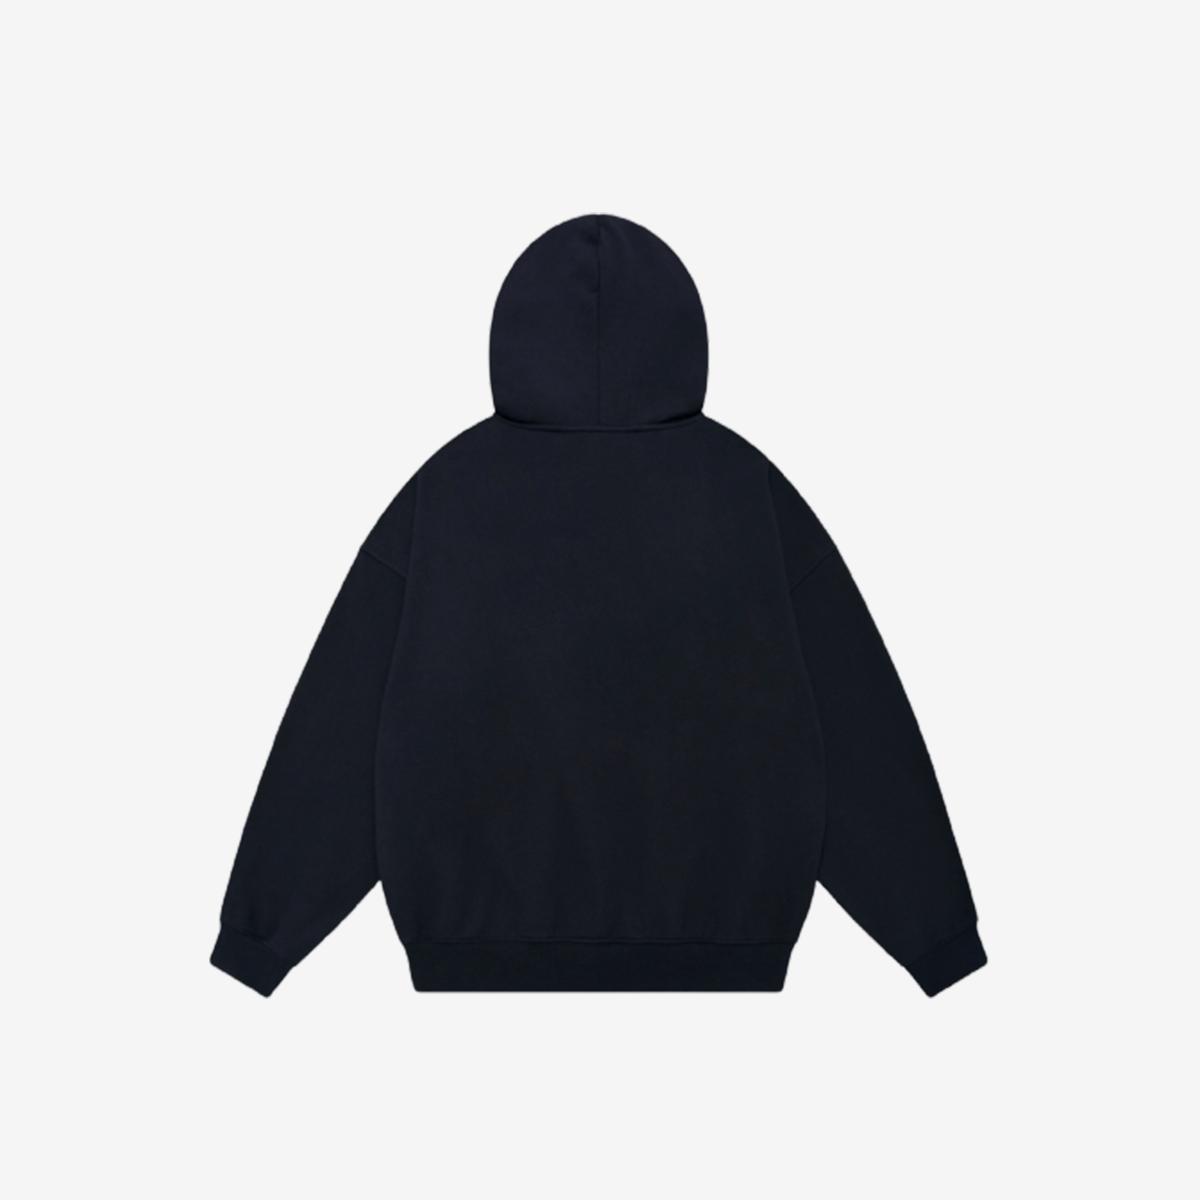 ⟪河成雲同款⟫ 2020 Signature 帽T(海軍藍)